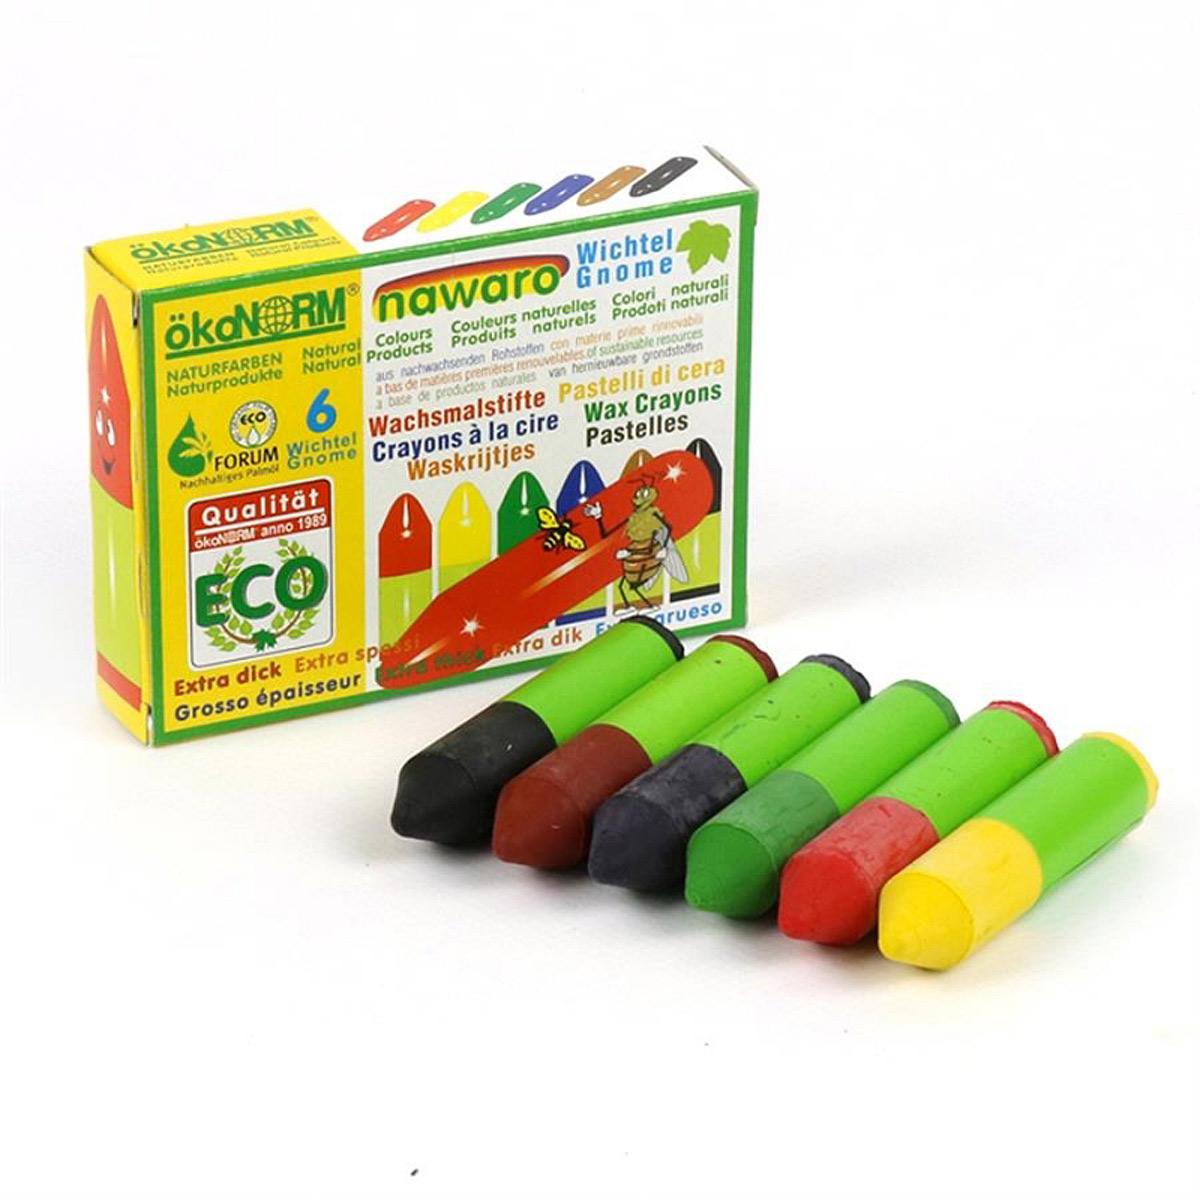 Ekologiska och giftfria bivaxkritor för tyg 6 färger ÖkoNorm